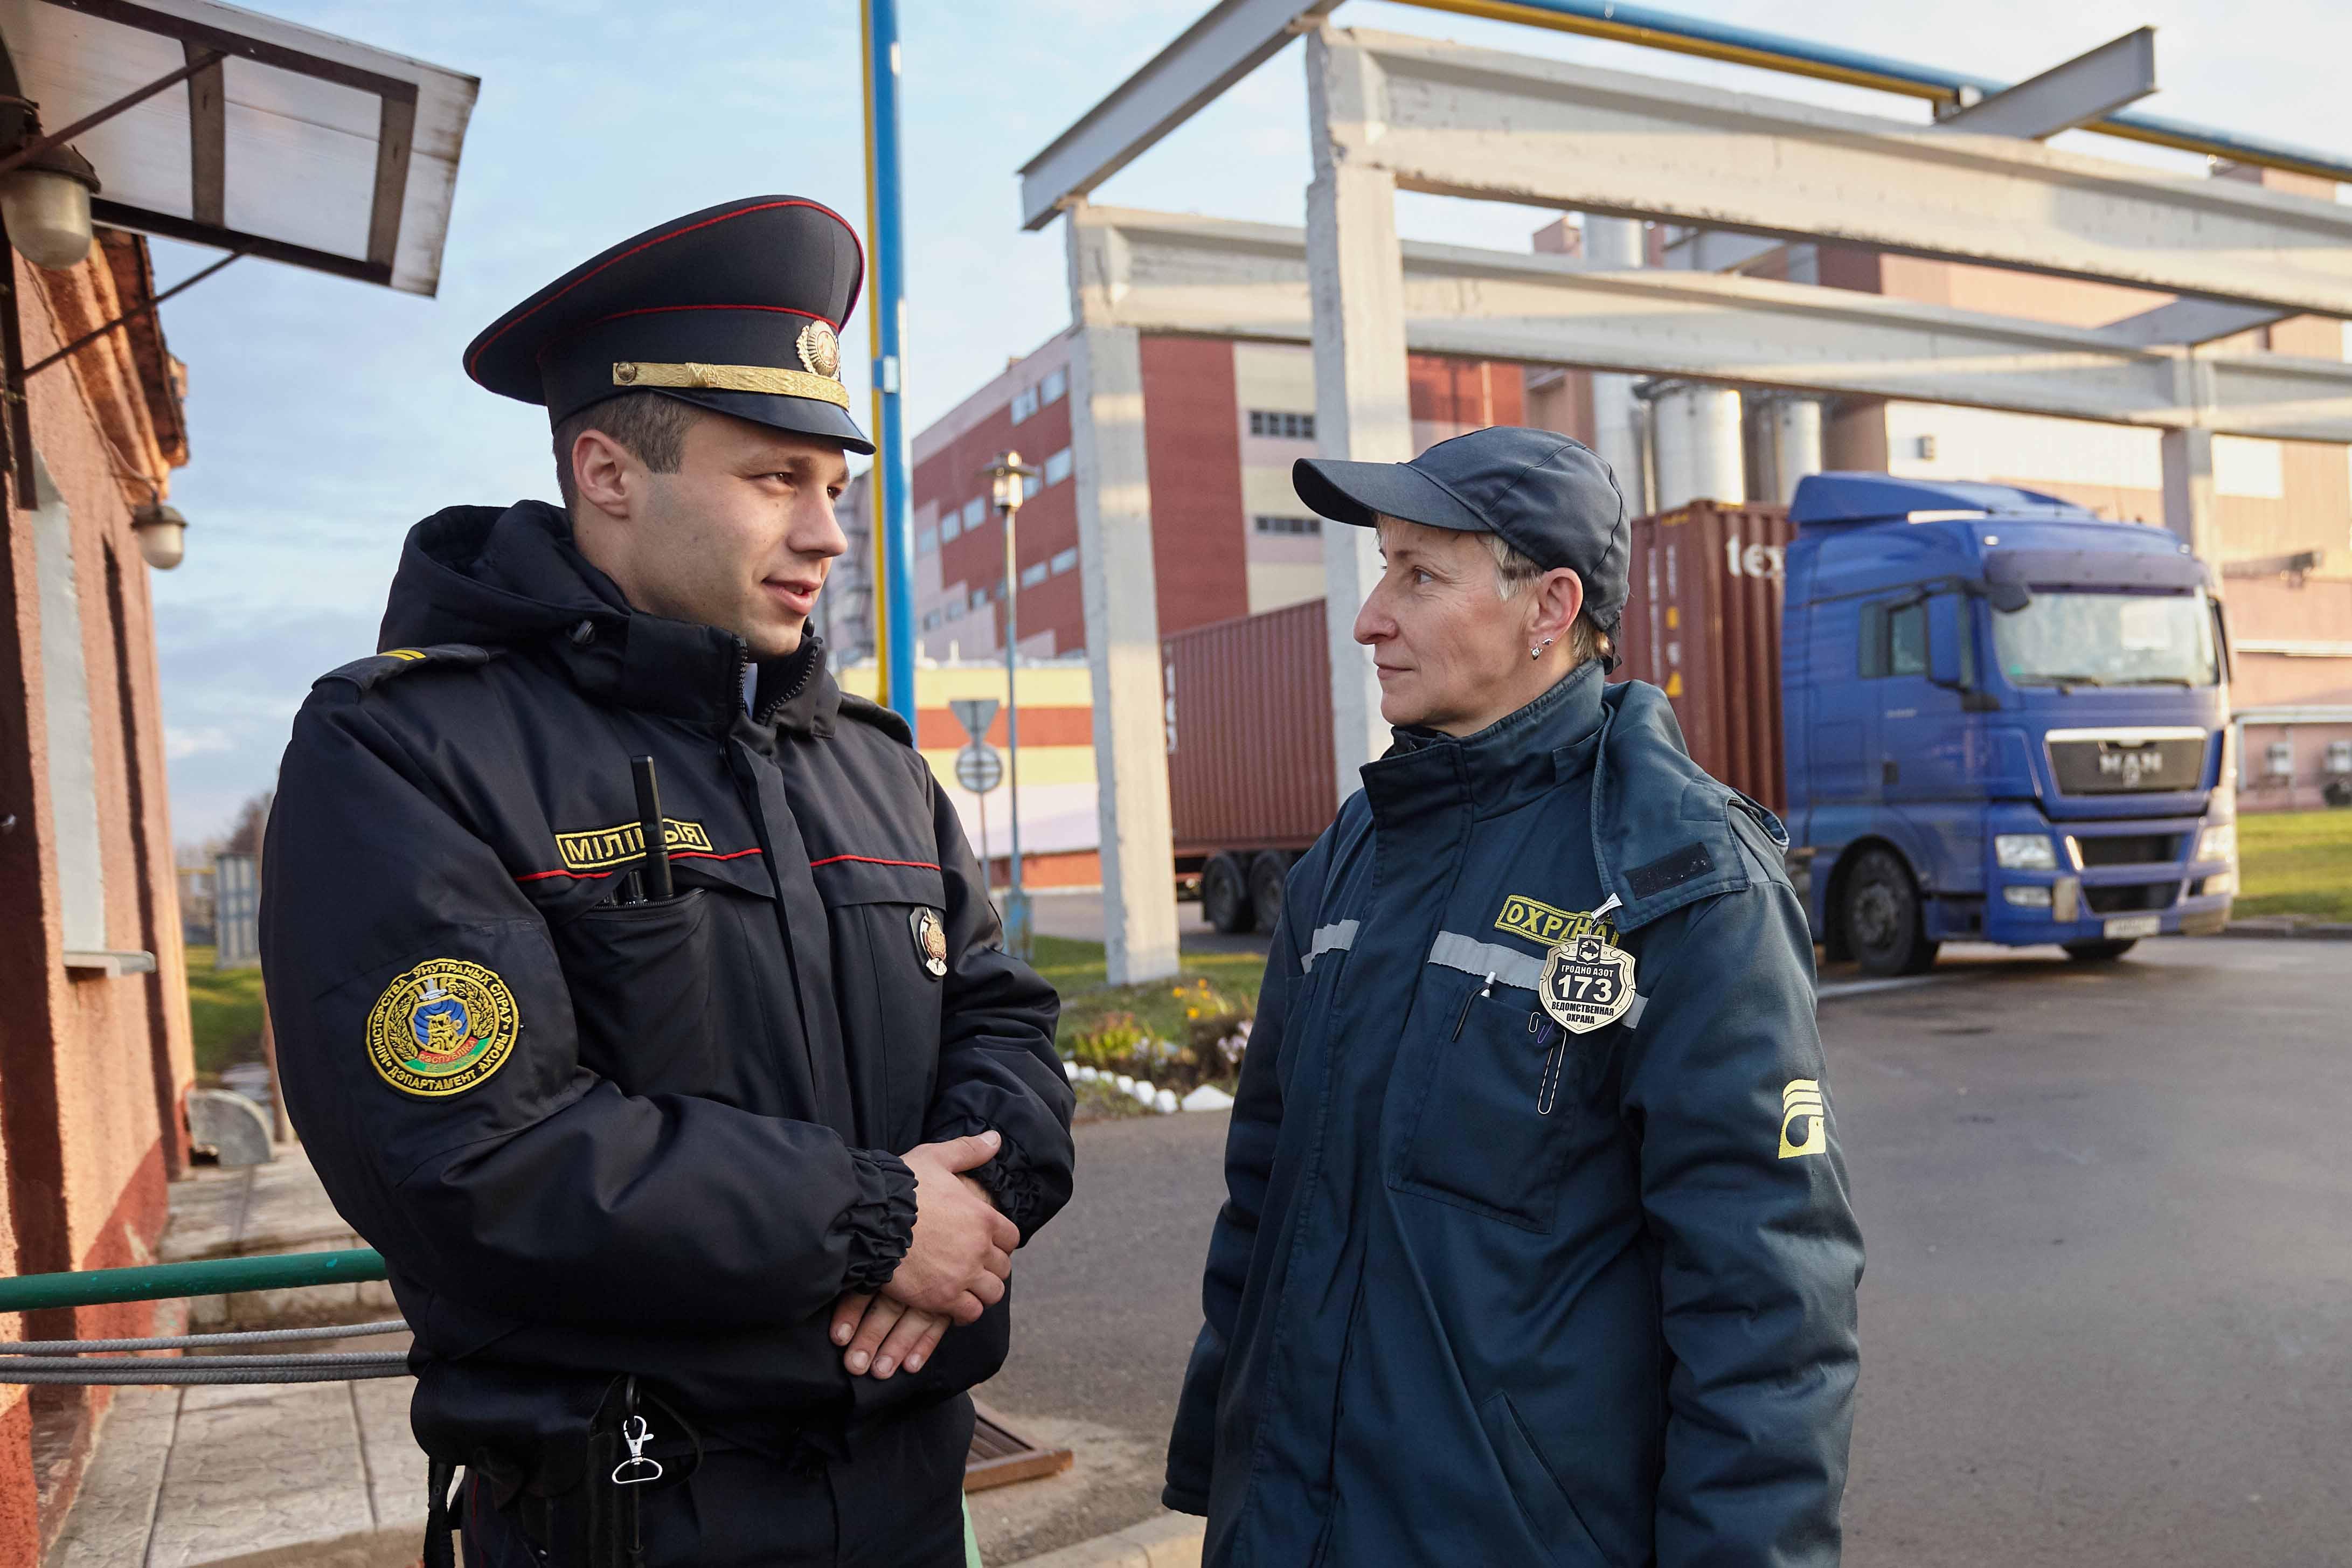 6. Милиция Беларуси - 1 ииииииииии